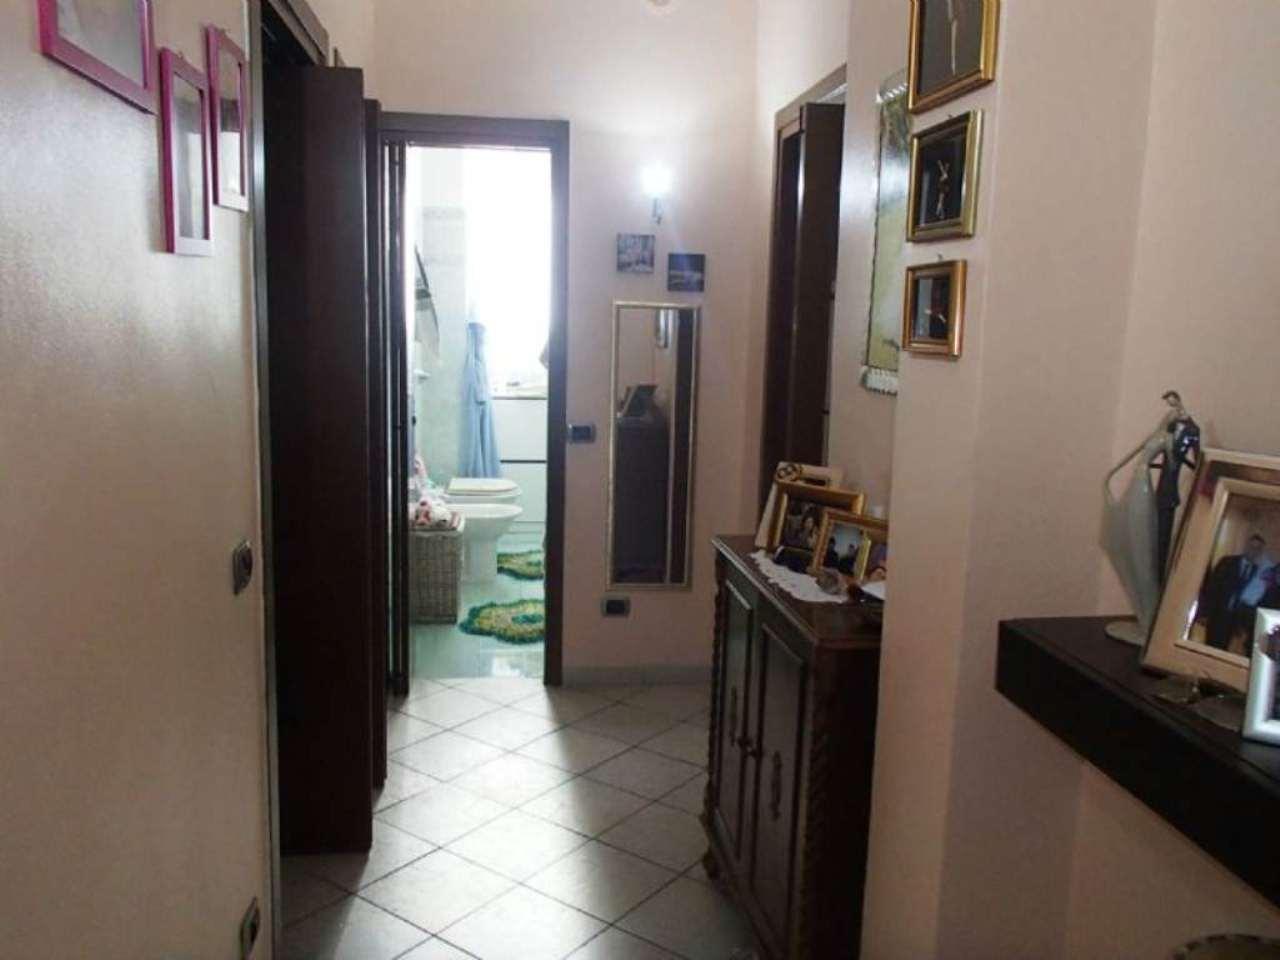 Appartamento in vendita a Landriano, 3 locali, prezzo € 95.000 | Cambio Casa.it